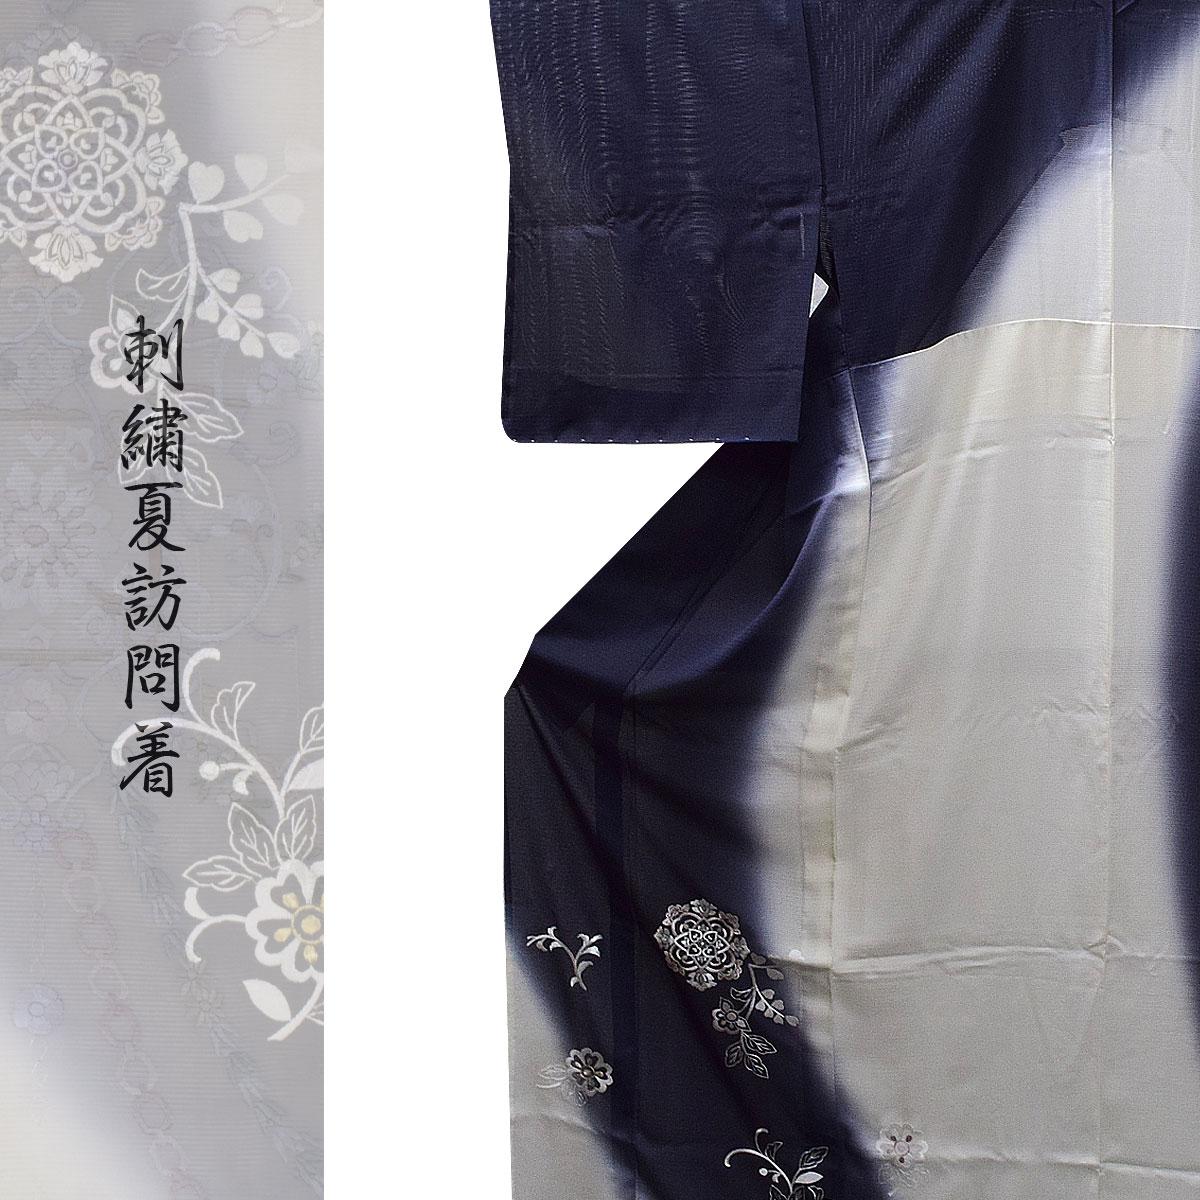 【夏】高級 仕立て上がり 刺繍 訪問着 駒絽 Мサイズ結婚式 パーティー 礼装用 黒 白 金 銀 ぼかし番号g712-202